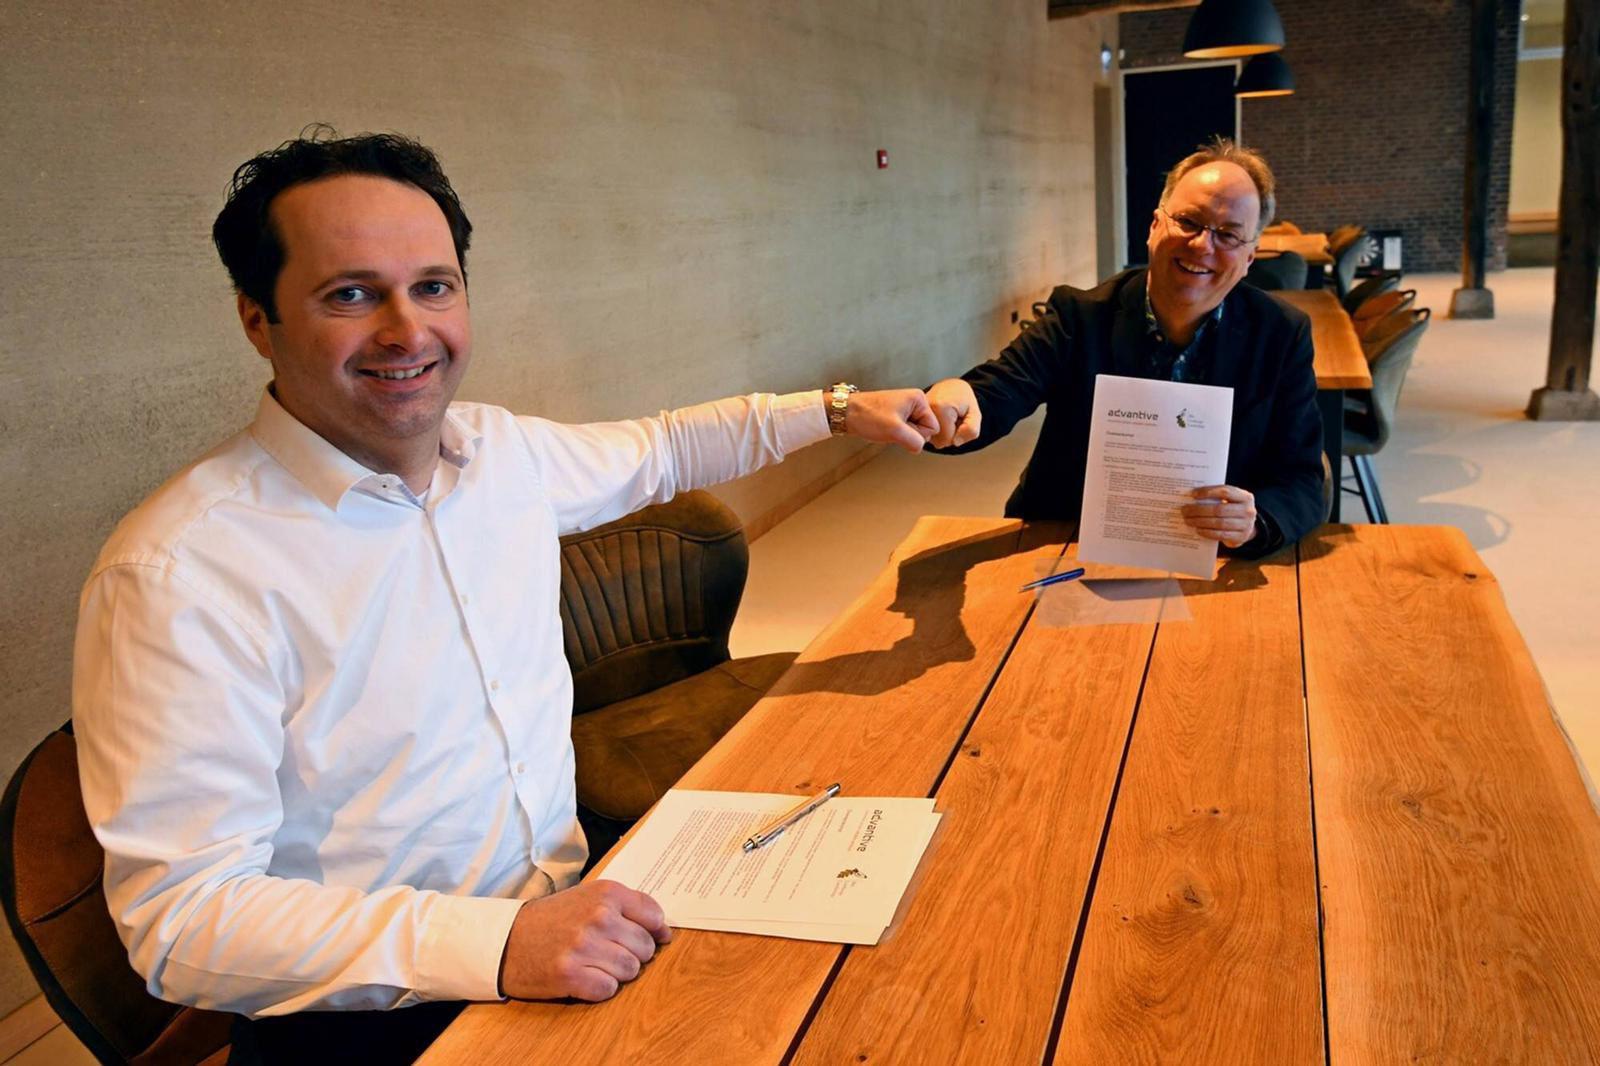 Het Limburgs Landschap en Advantive sluiten een 4-jarige samenwerkingsovereenkomst